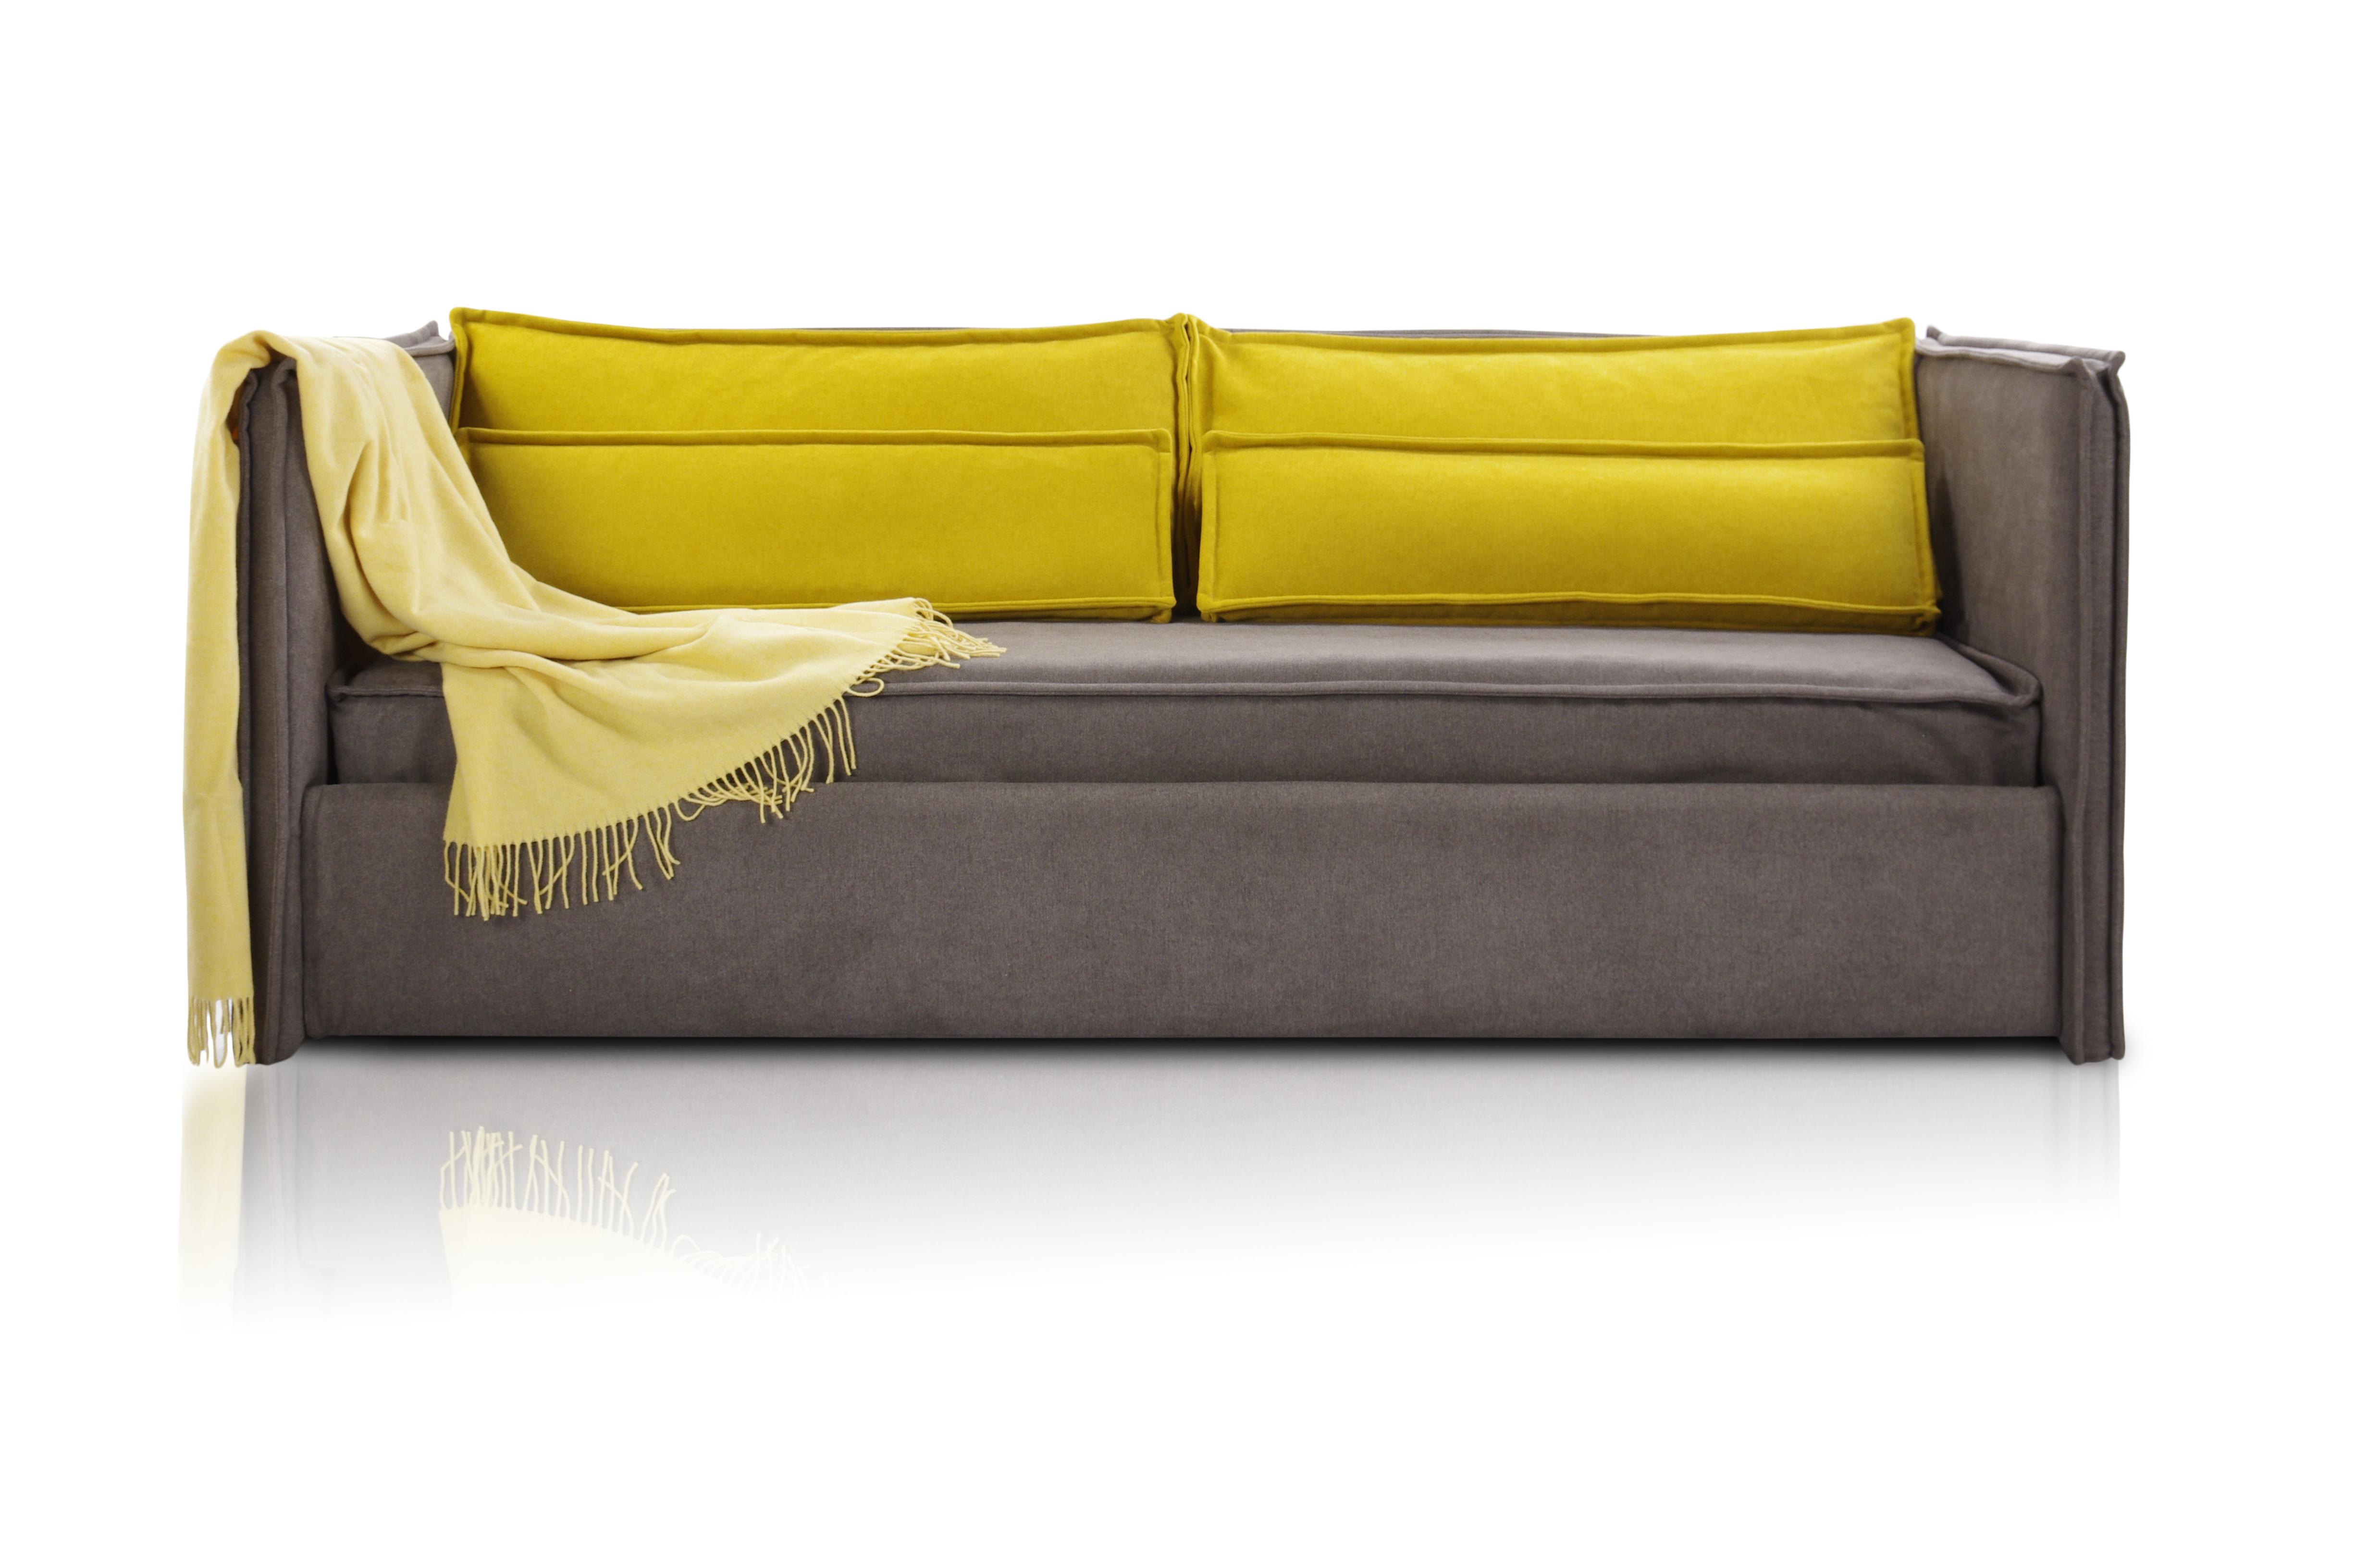 Кровать-диван SoloПрямые раскладные диваны<br>Кровать-диван  «Solo».                                                                                                                                                                                                                                                                                                                                                                                                                                                                                                    Штатный размер посадочного и спального места 200х90<br>Ортопедическое основание  входит в комплект <br>Ортопедический матрас в комплекте.<br>Декоративные подушки входят в комплект поставки                                                                                                                                                                                                                                                                                                                                                                                                                                               Плед в комплект не входит<br>Элемент дизайна: отличается современным дизайном и высокой функциональностью. Он занимает мало места и способен вписаться в помещение,оформленное в любом стиле <br>Цвет коричневый ,велюр                                                                                                                                                                                                                                                                                                                                                                                                                                                                                                            Все чехлы съемные на липучках (можно чистить) &amp;amp;nbsp;&amp;lt;div&amp;gt;Плед в стоимость не &amp;amp;nbsp;входит&am